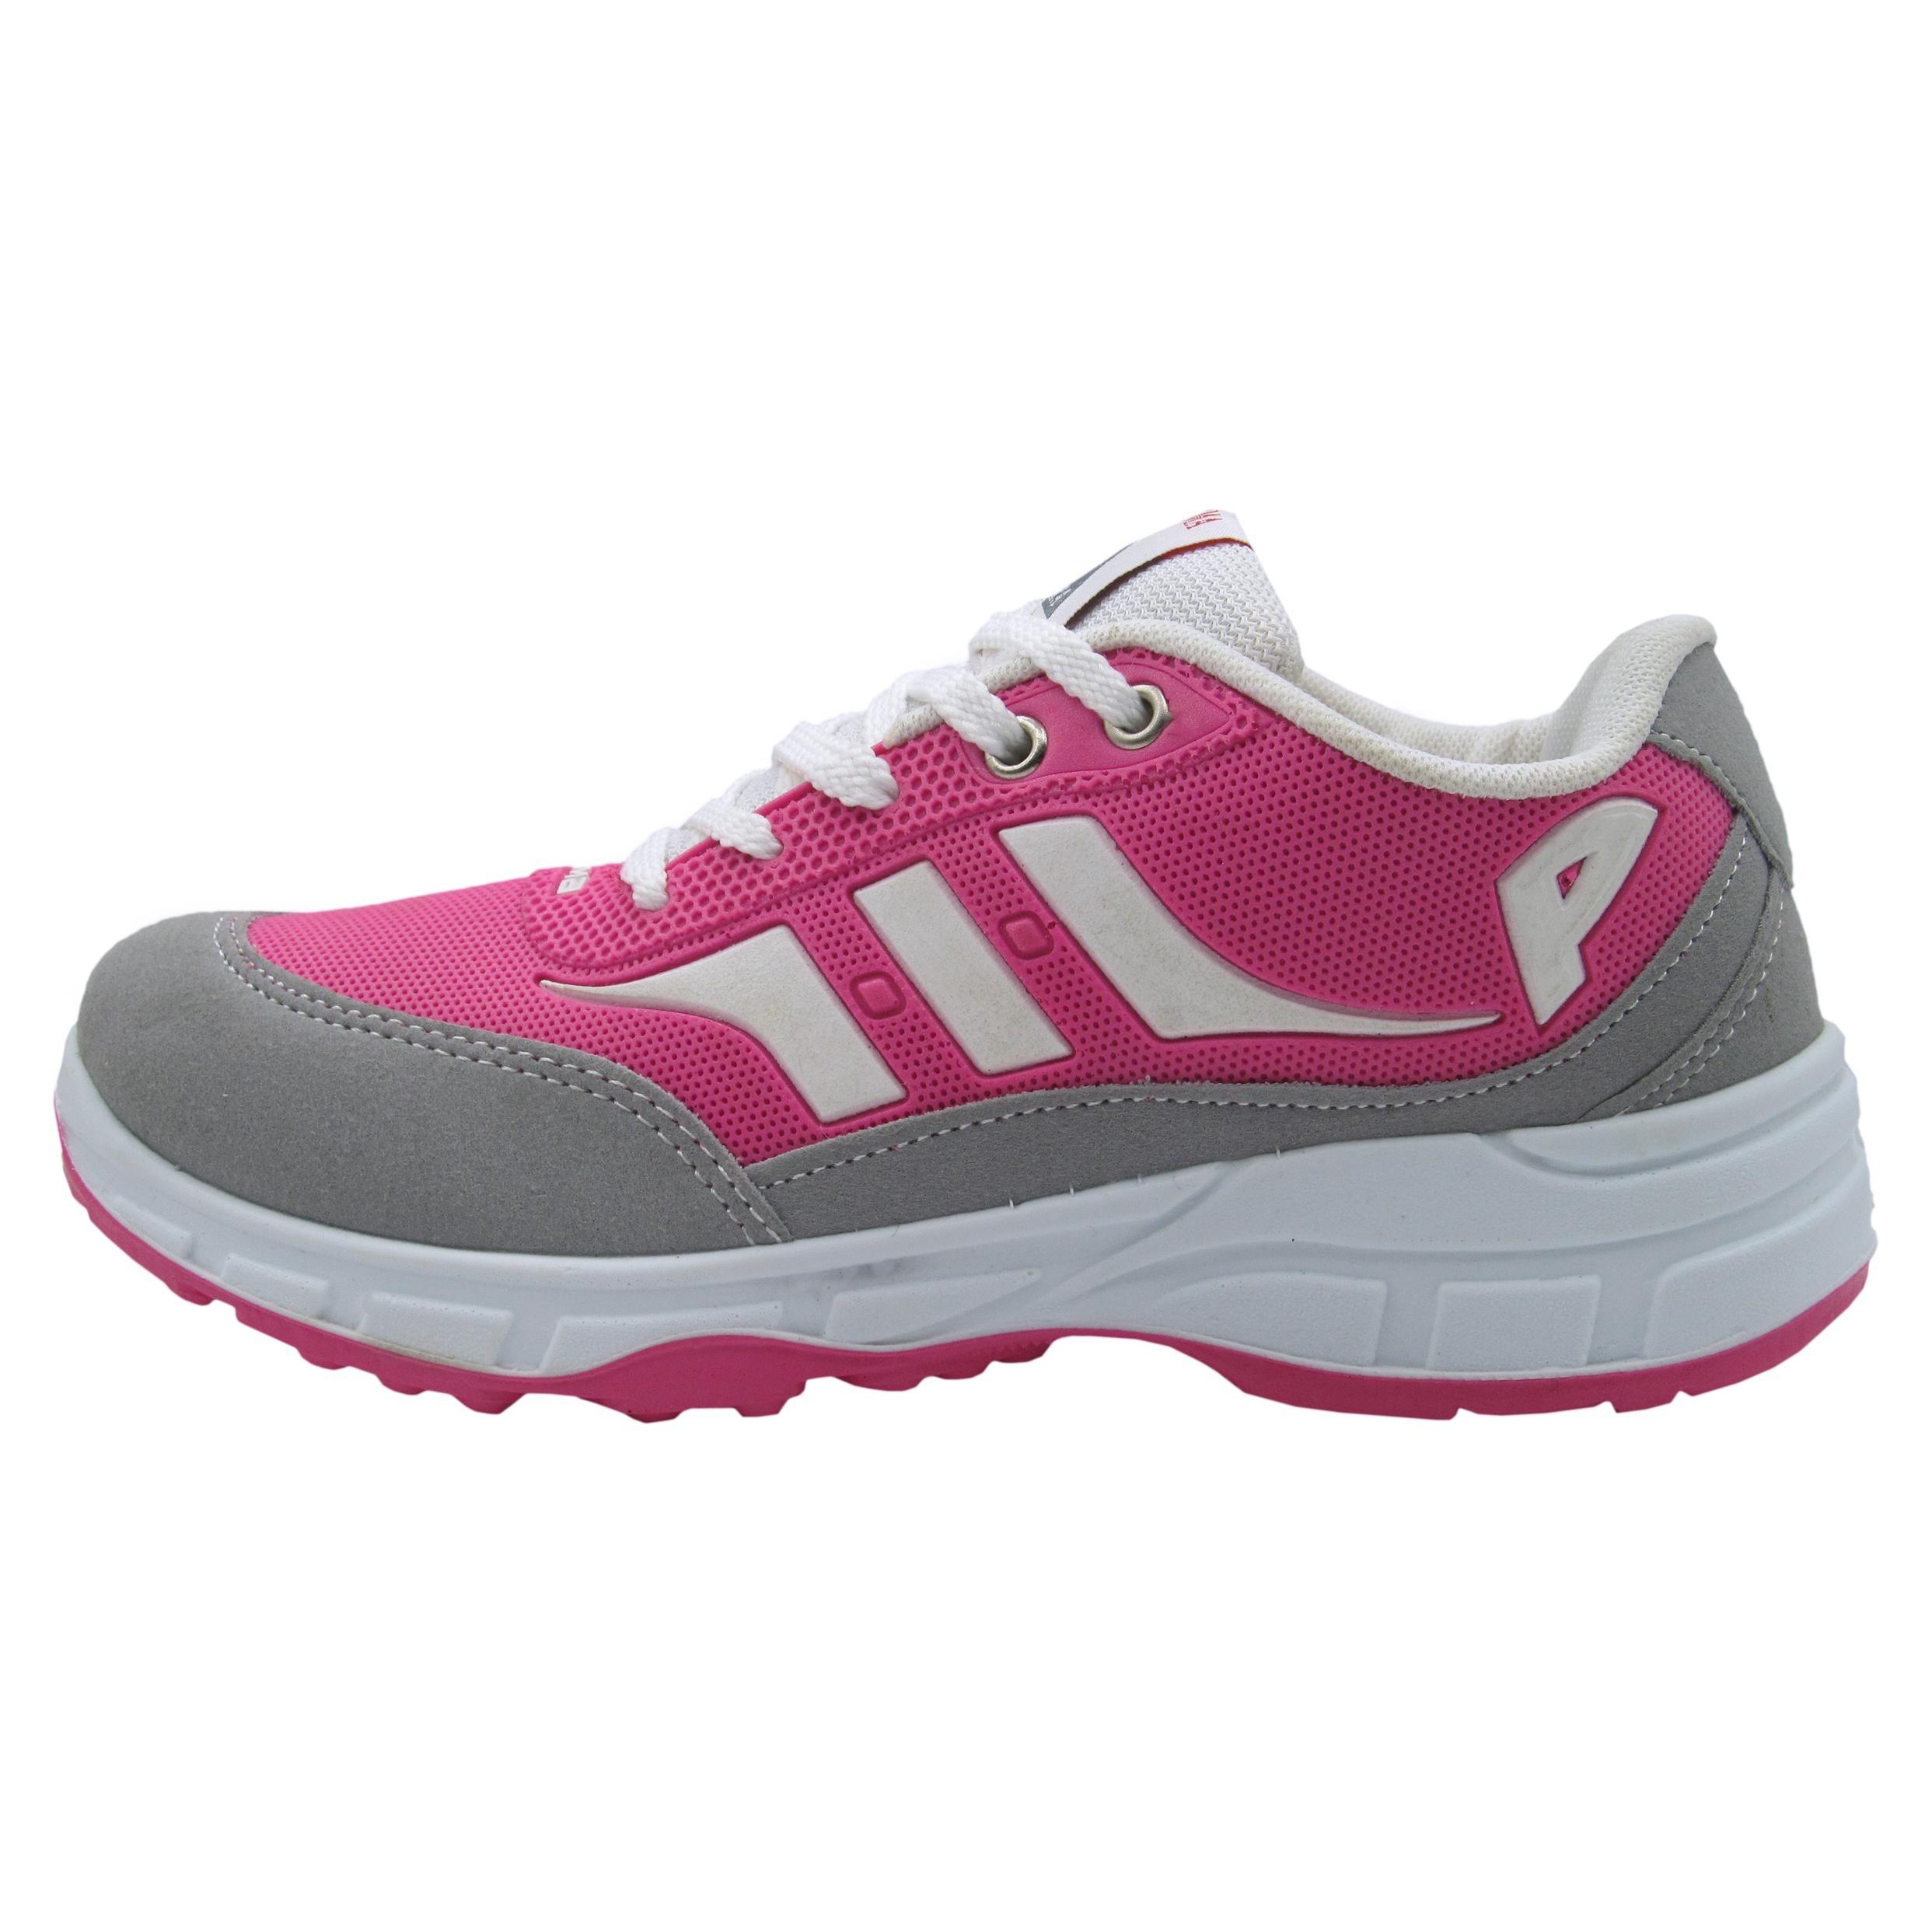 کفش مخصوص پیاده روی زنانه پاما کد 352AB